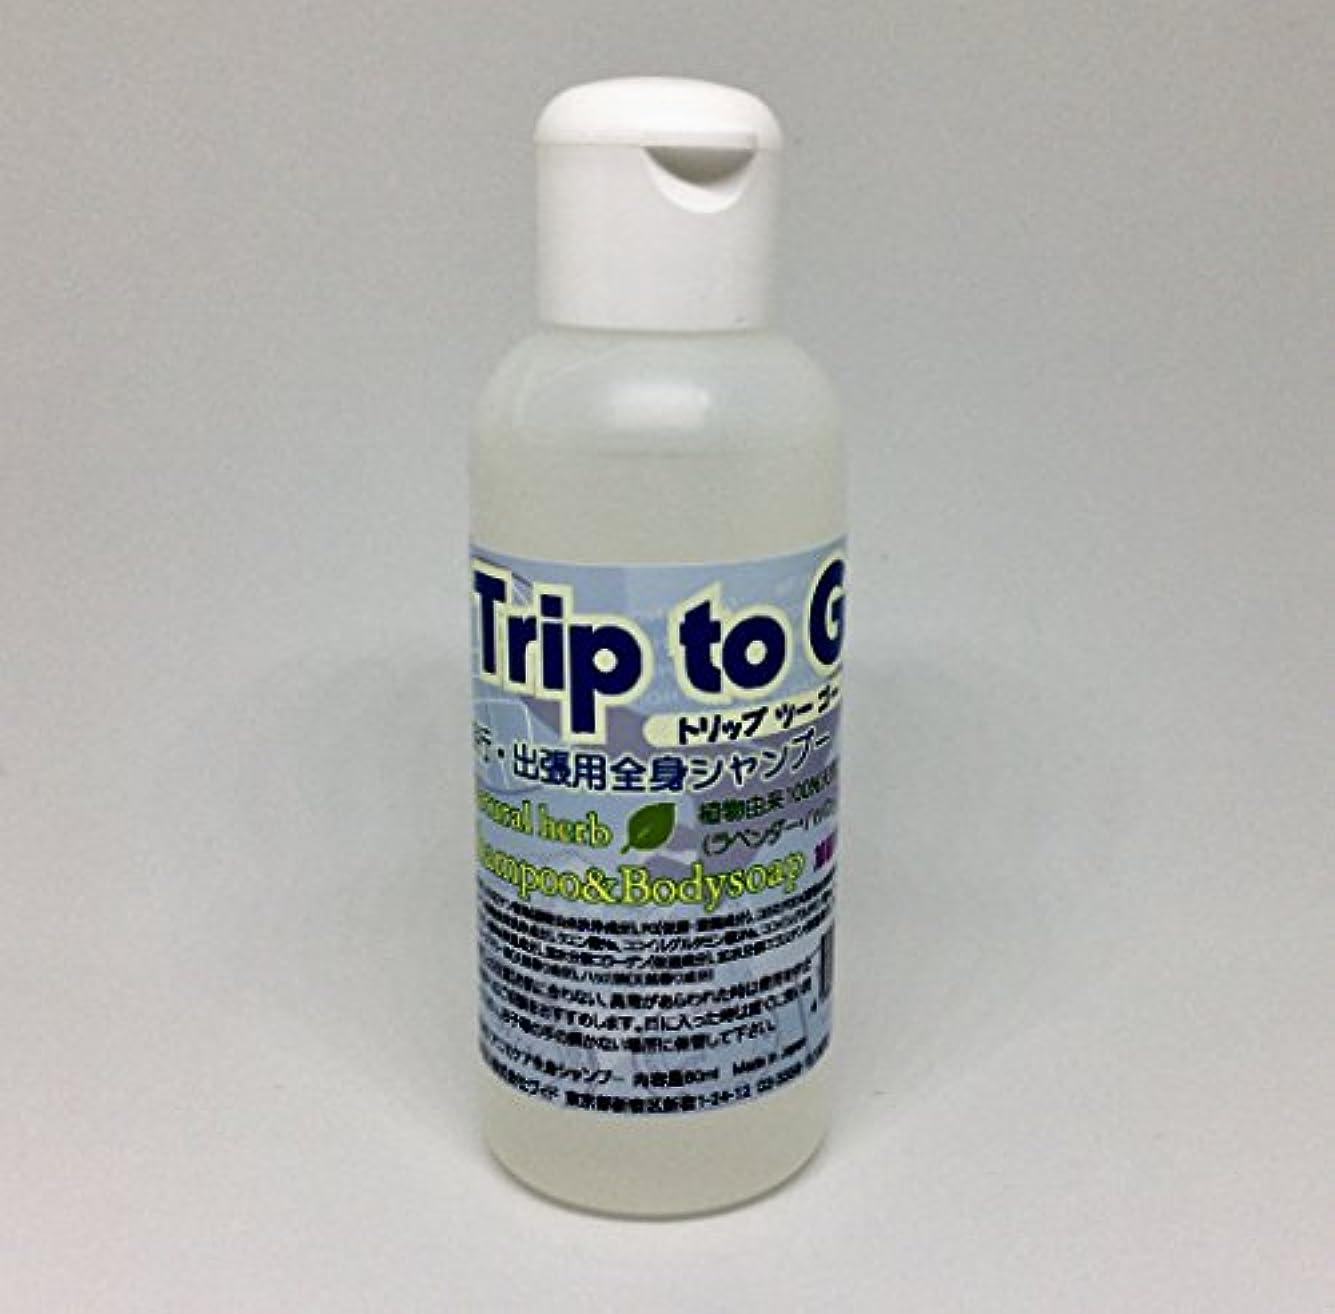 印象派気怠い満足Trip to Go(トリップツーゴー) 全身シャンプー 60ml 旅行/出張にコレ1本 ただいま送料無料です。